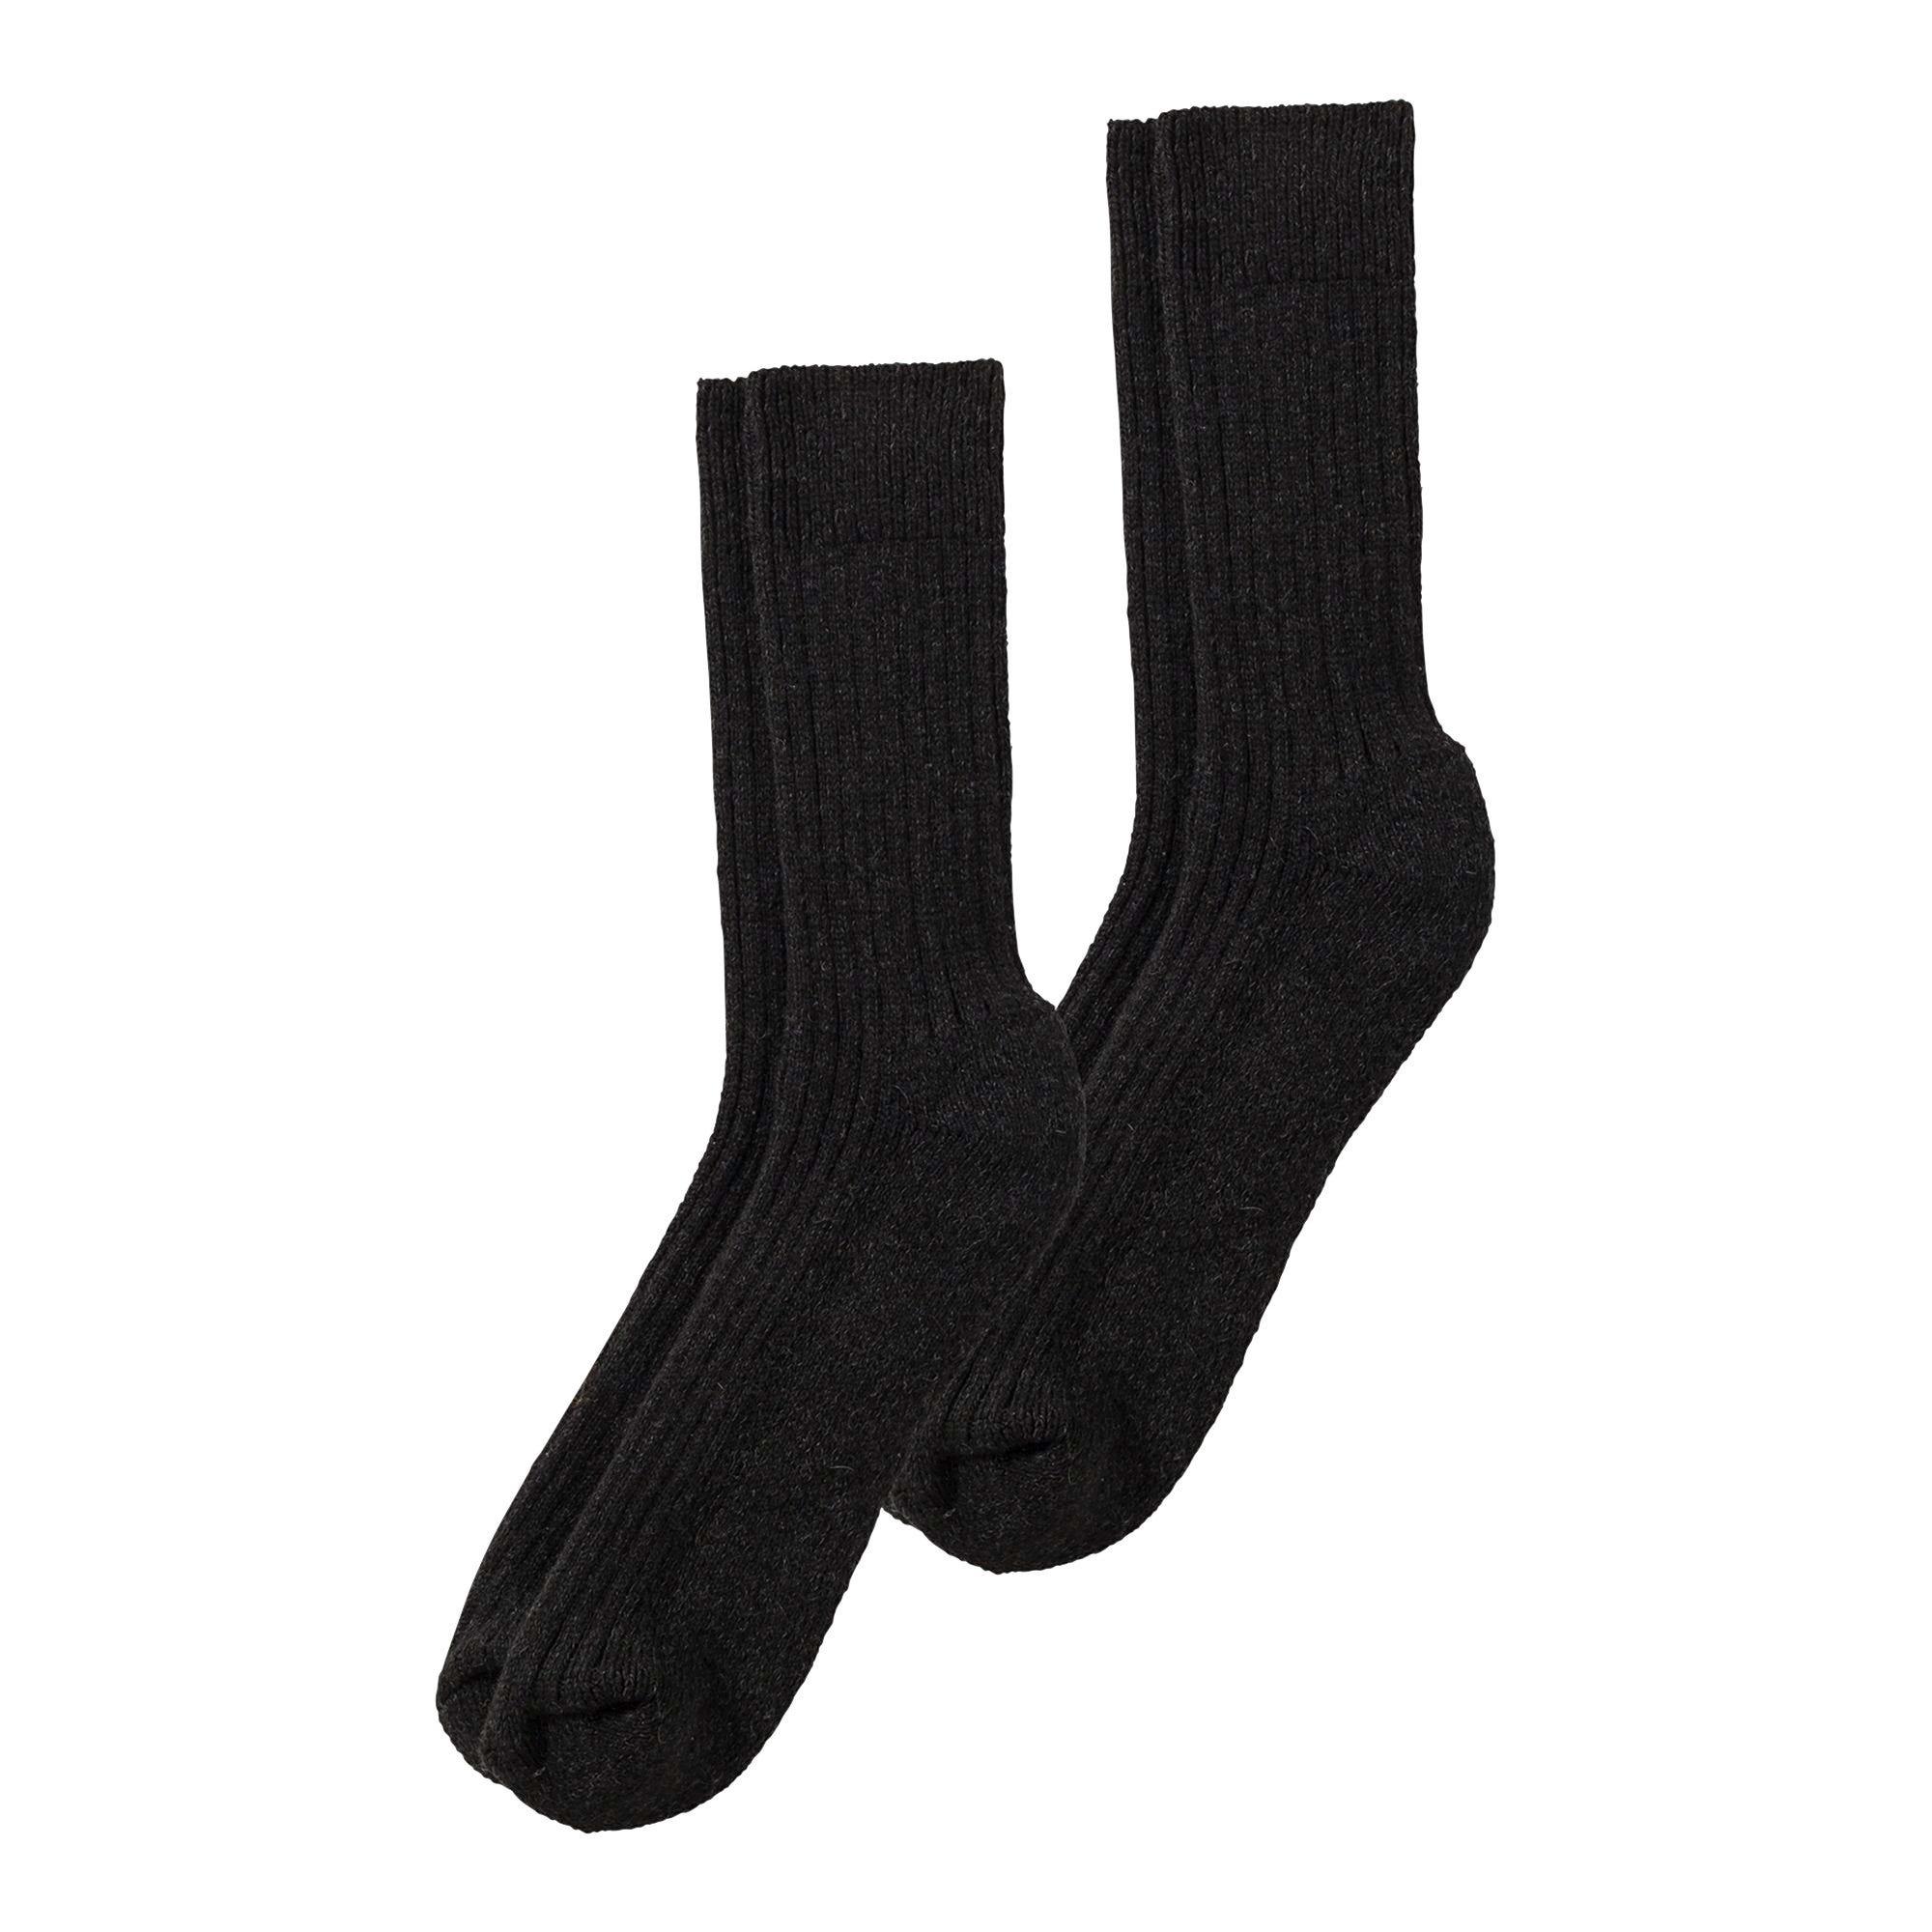 Jack Brent Herren Socken, 2er Pack